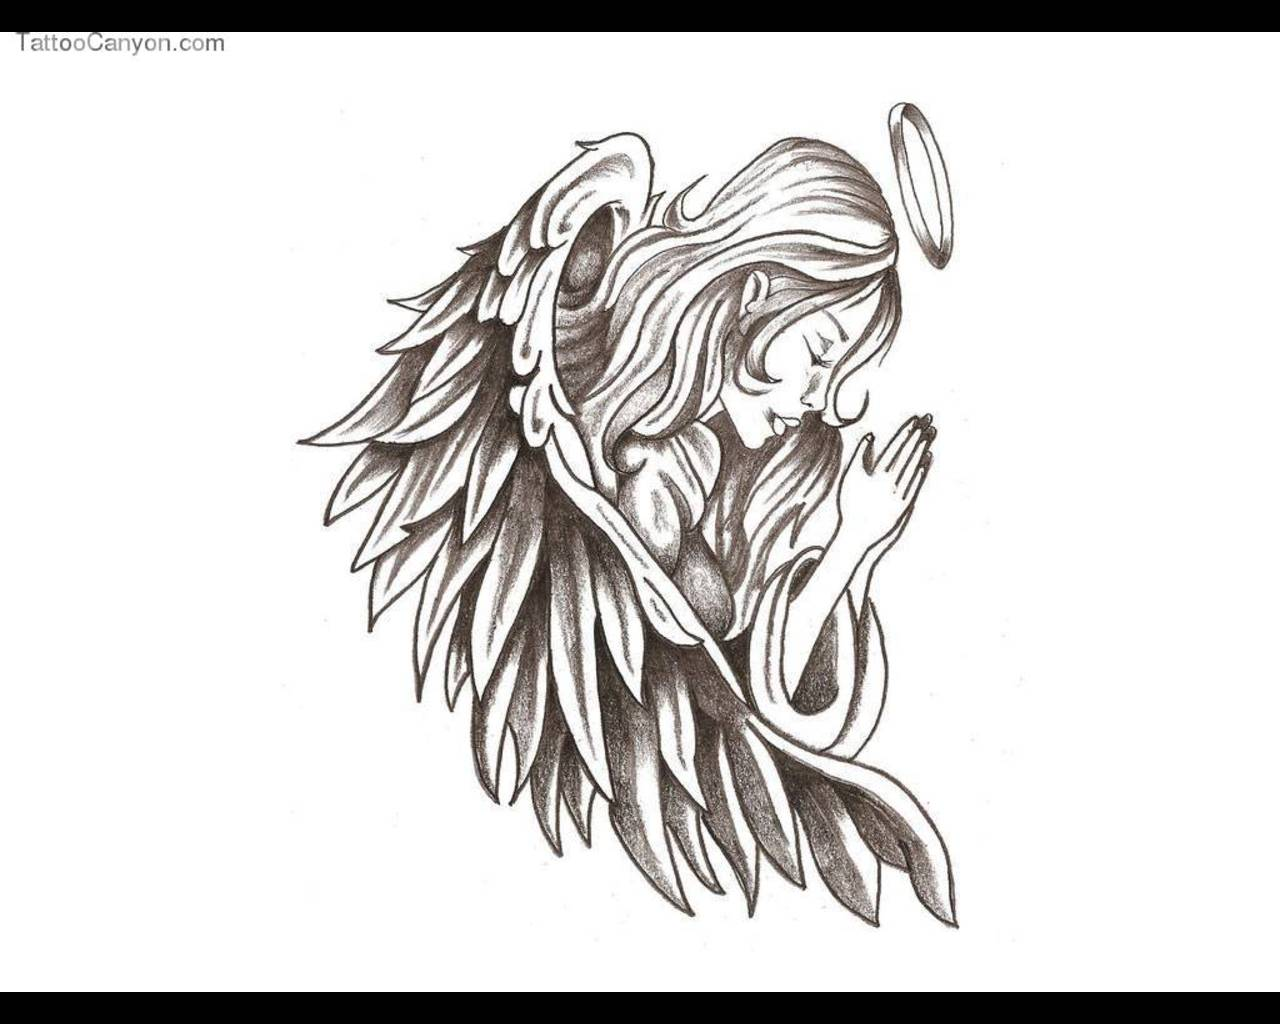 Tattoos wallpaper designs